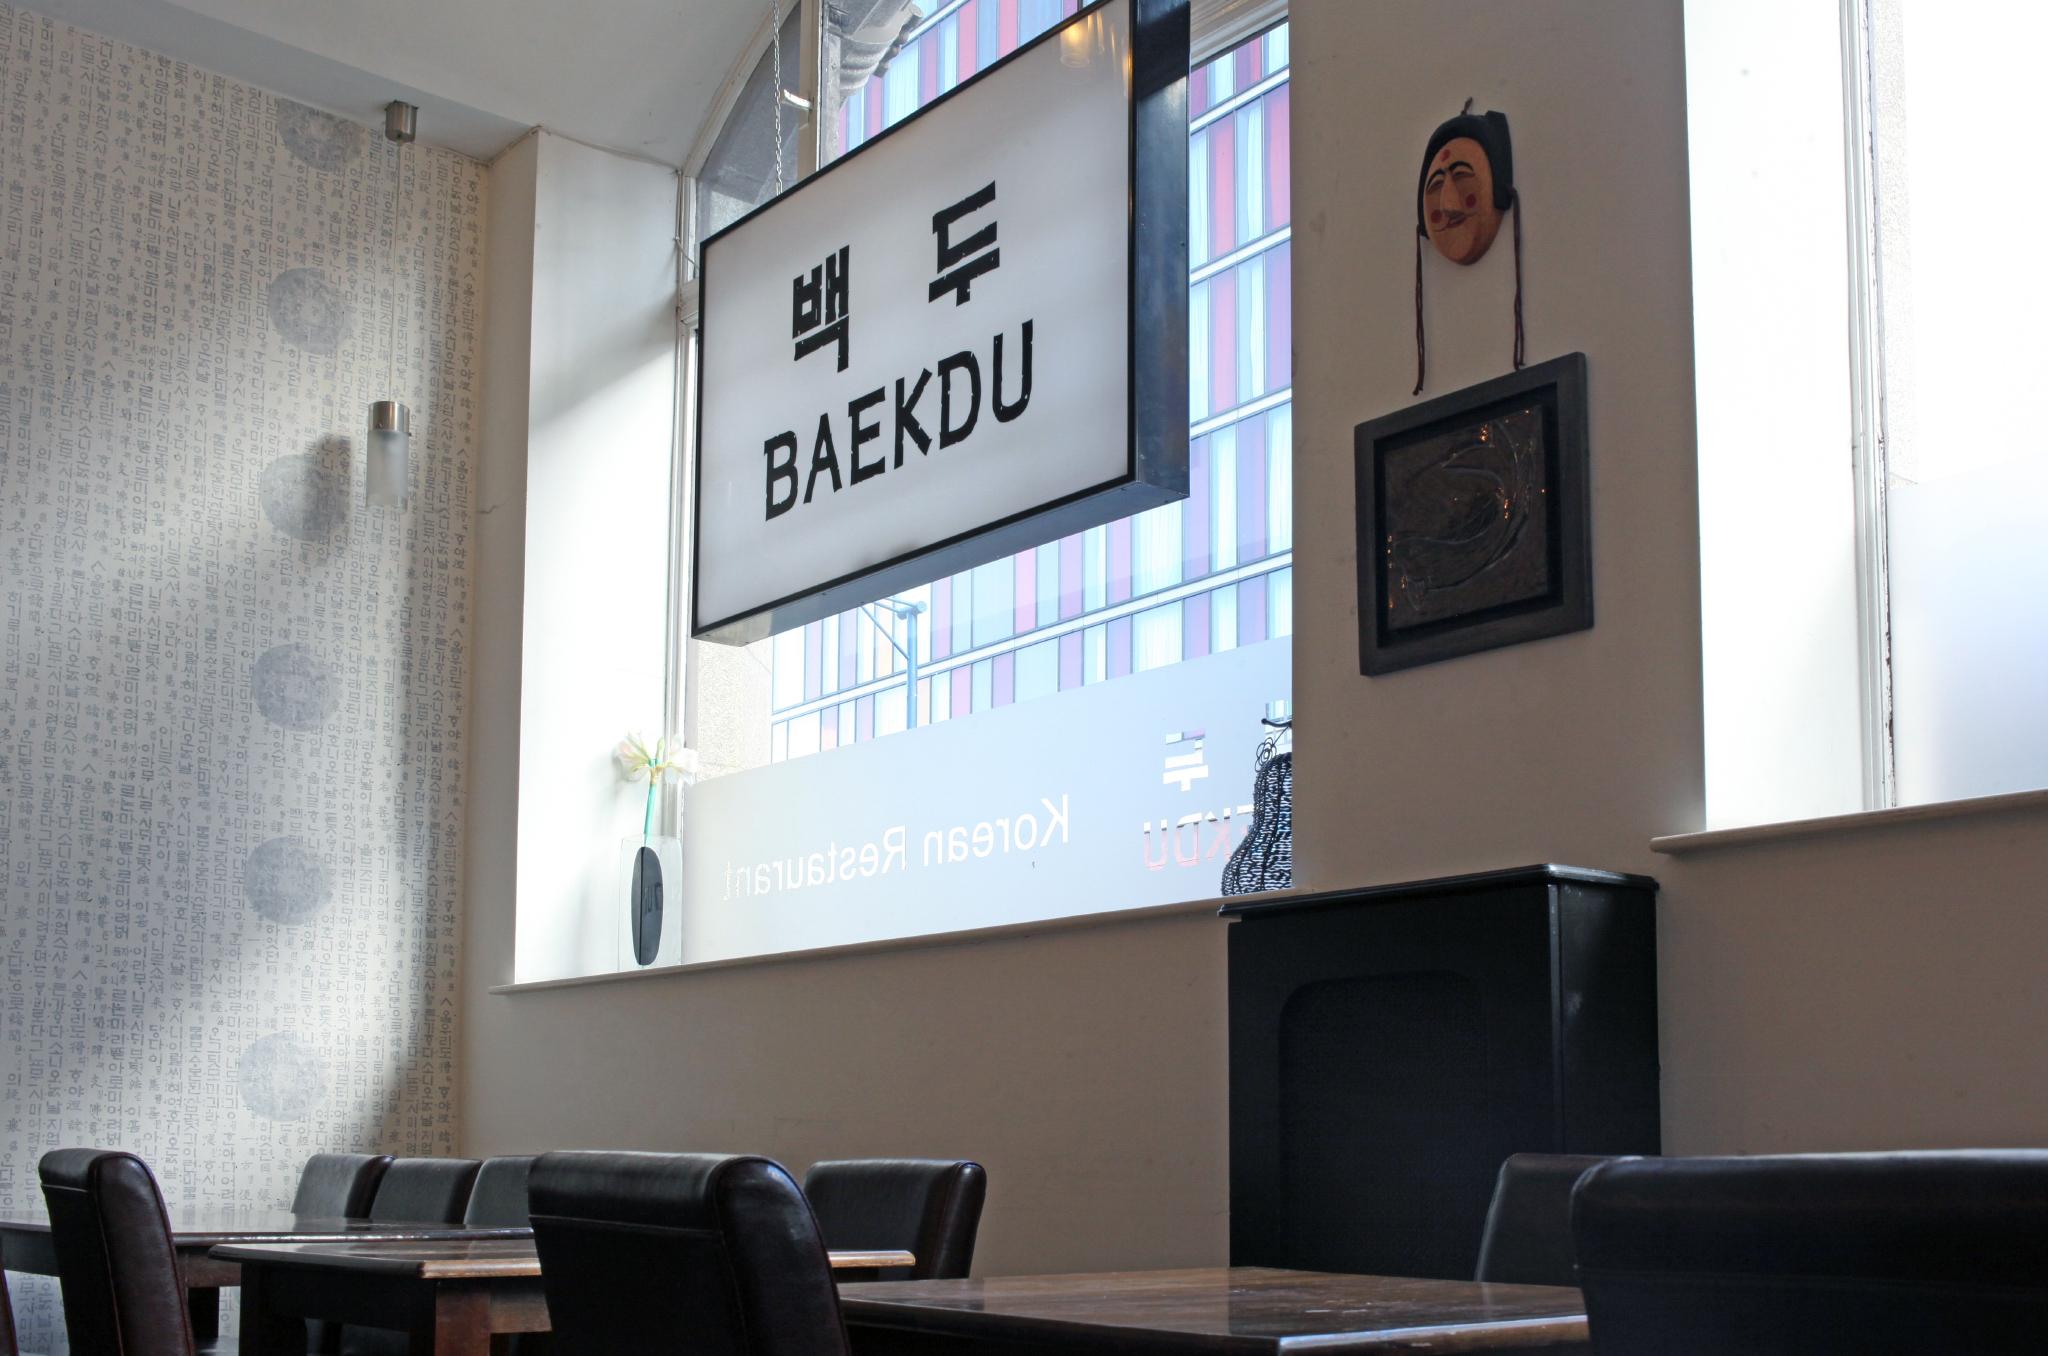 Baekdu